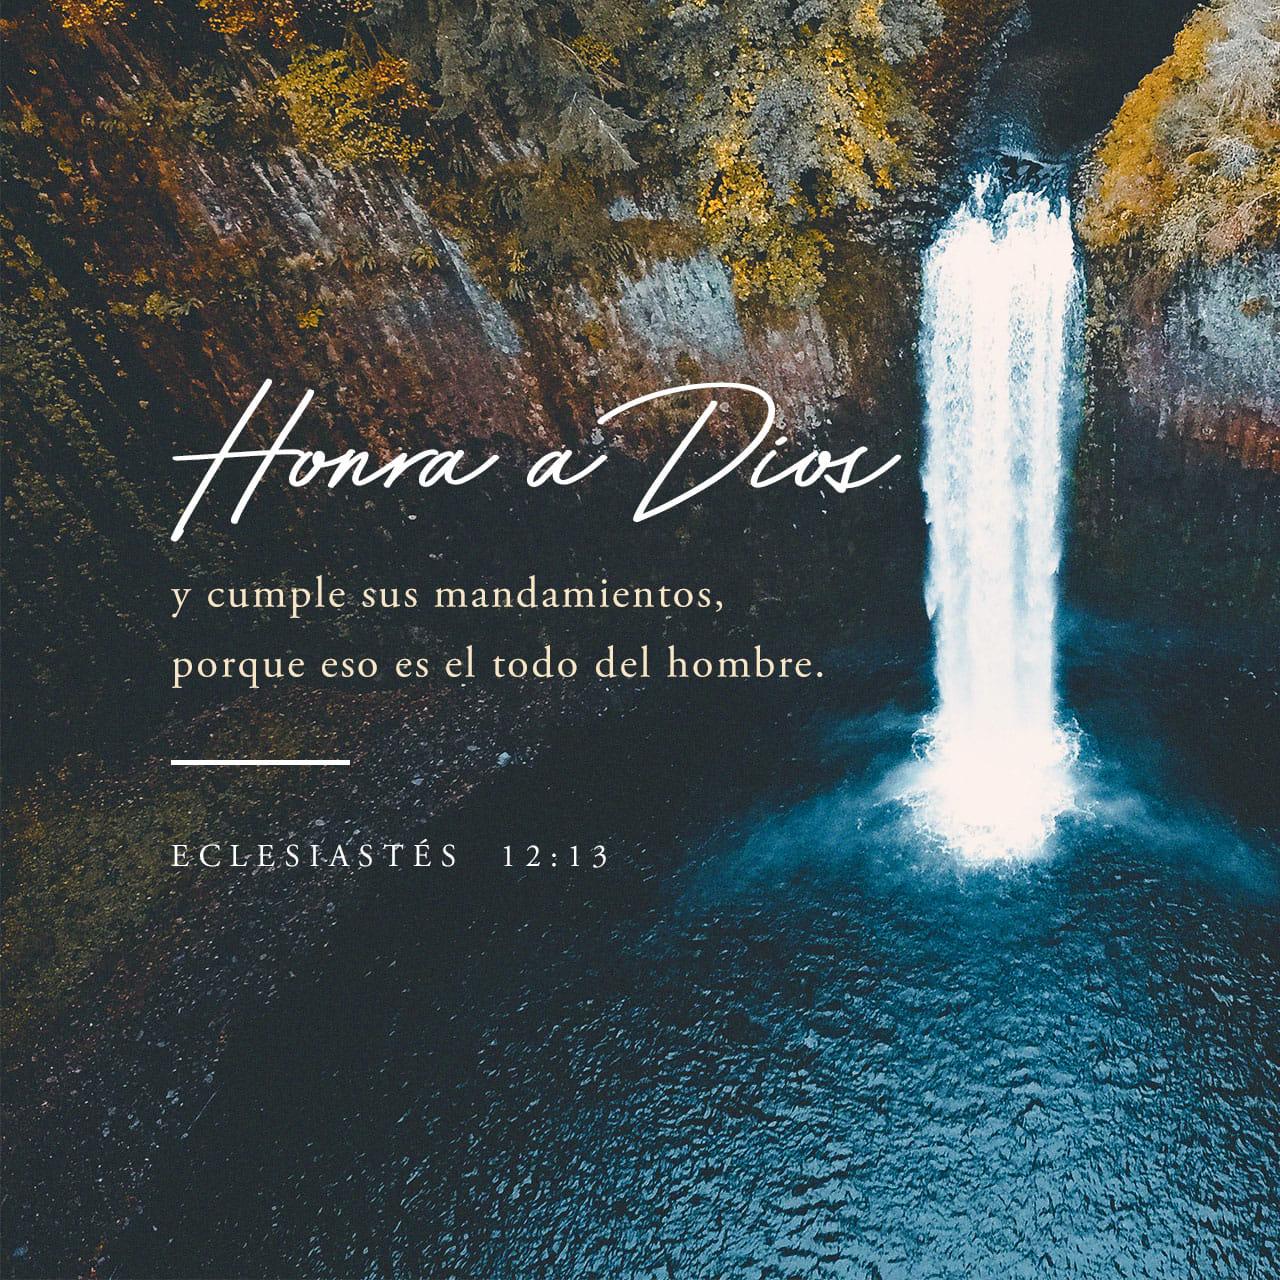 Eclesiastés 12:13 El fin de todo el discurso oído es éste: Teme a Dios, y guarda sus mandamientos; porque esto es el todo del hombre. | Biblia Reina Valera 1960 (RVR1960)